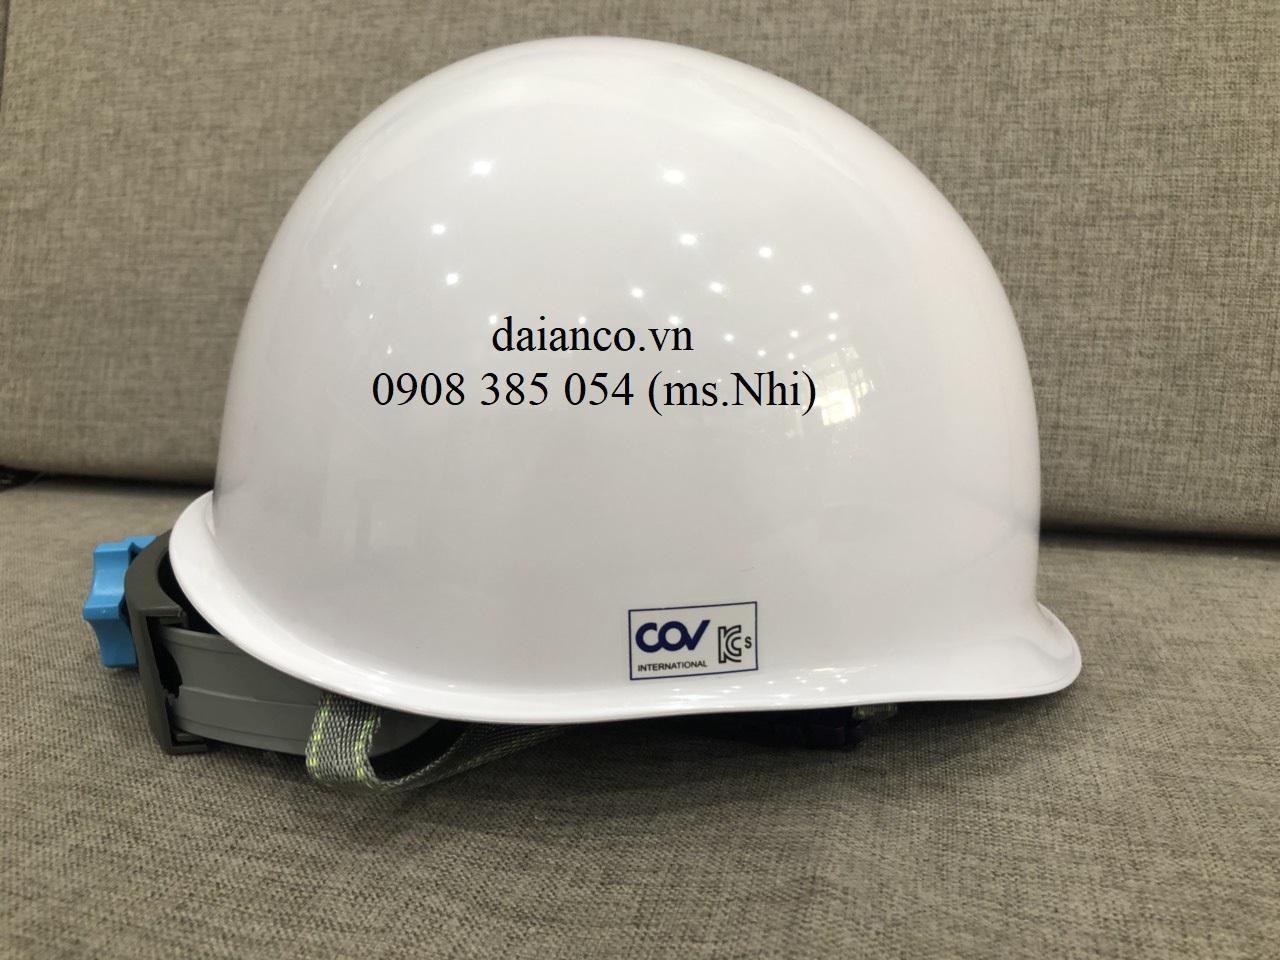 [HCM] Giảm giá nón bảo hộ Hàn Quốc COV màu trắng, bảo vệ đầu, chống va đập- Hình thật, có sẵn